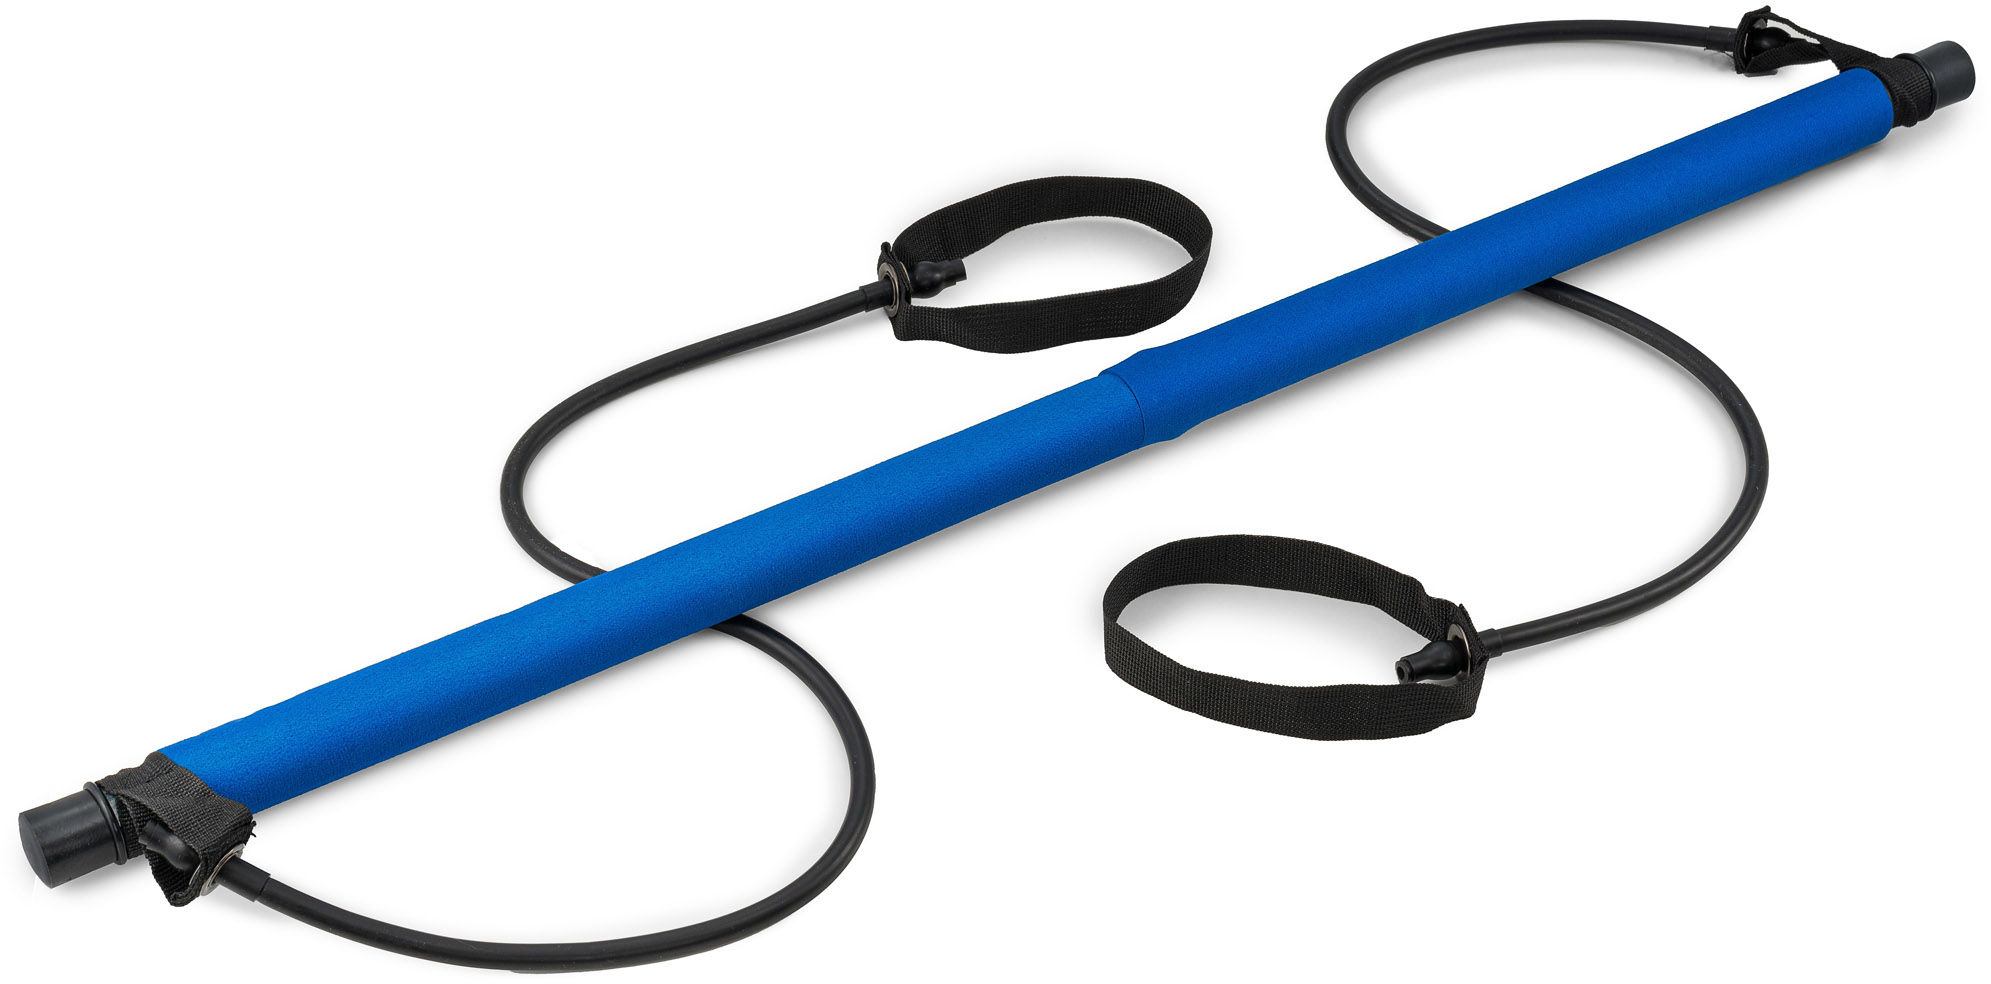 Kij treningowy składany z ekspanderami niebieski